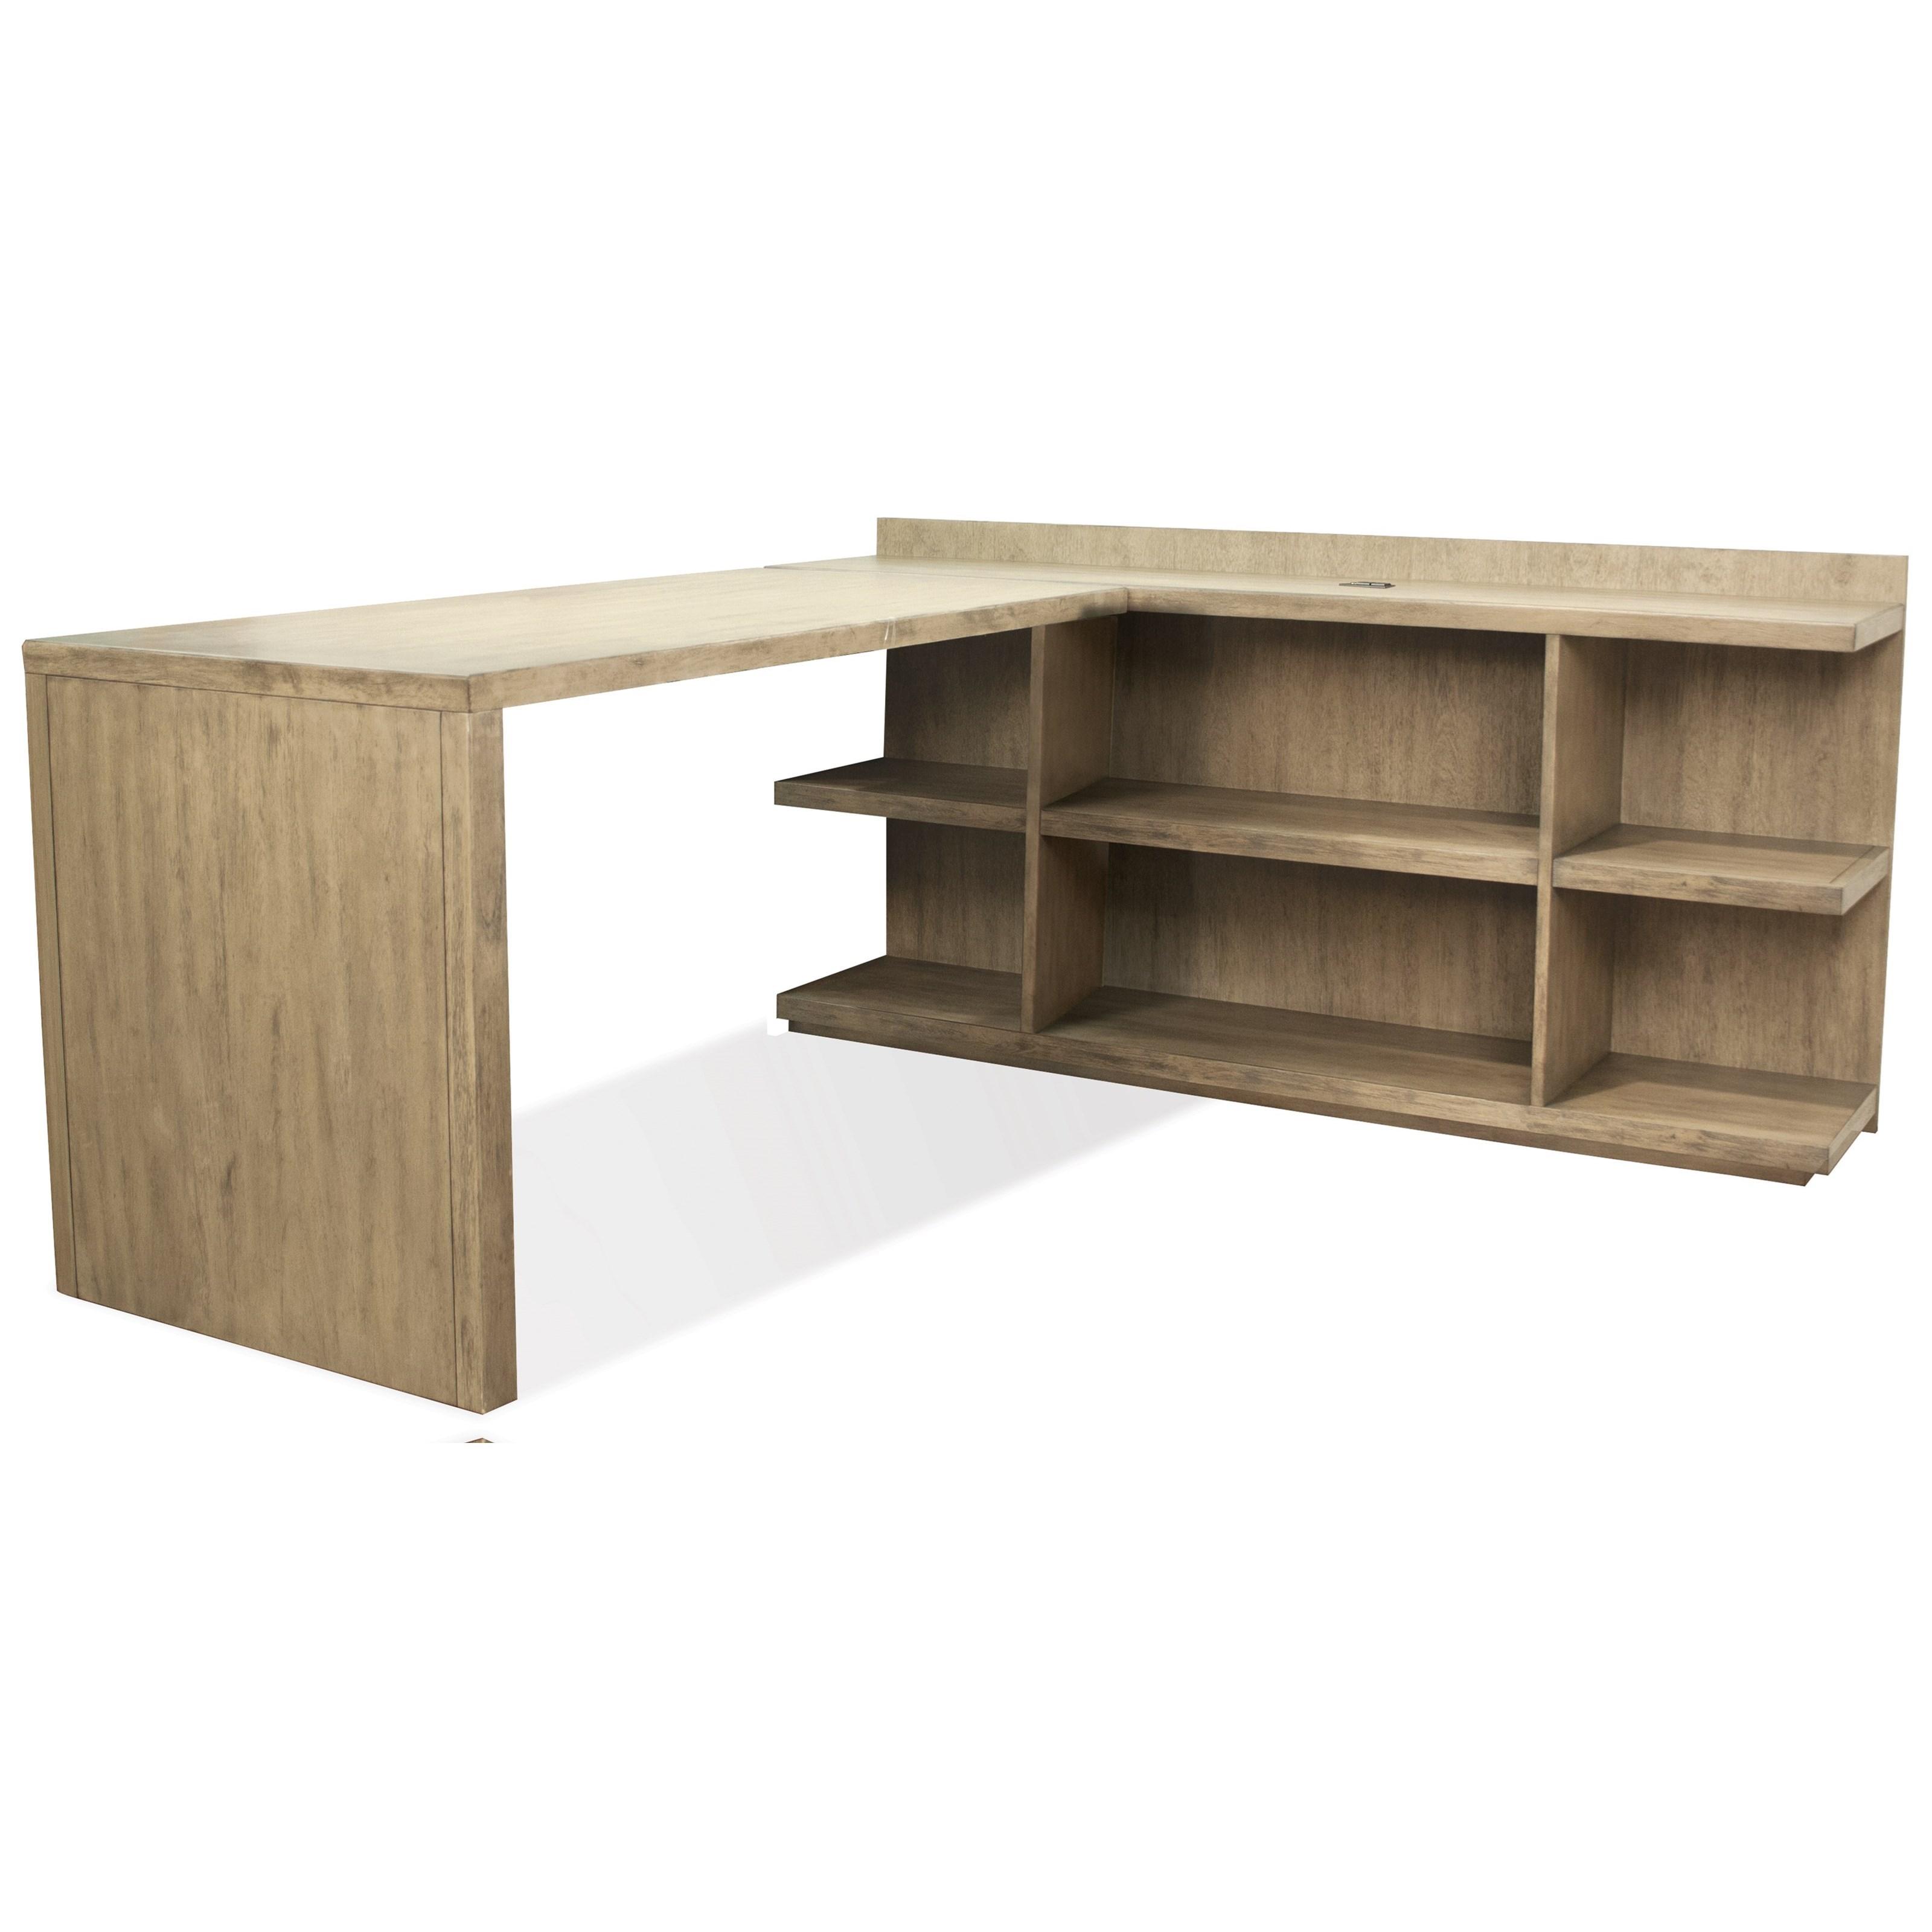 Perspectives L Shape Desk by Riverside Furniture at Johnny Janosik